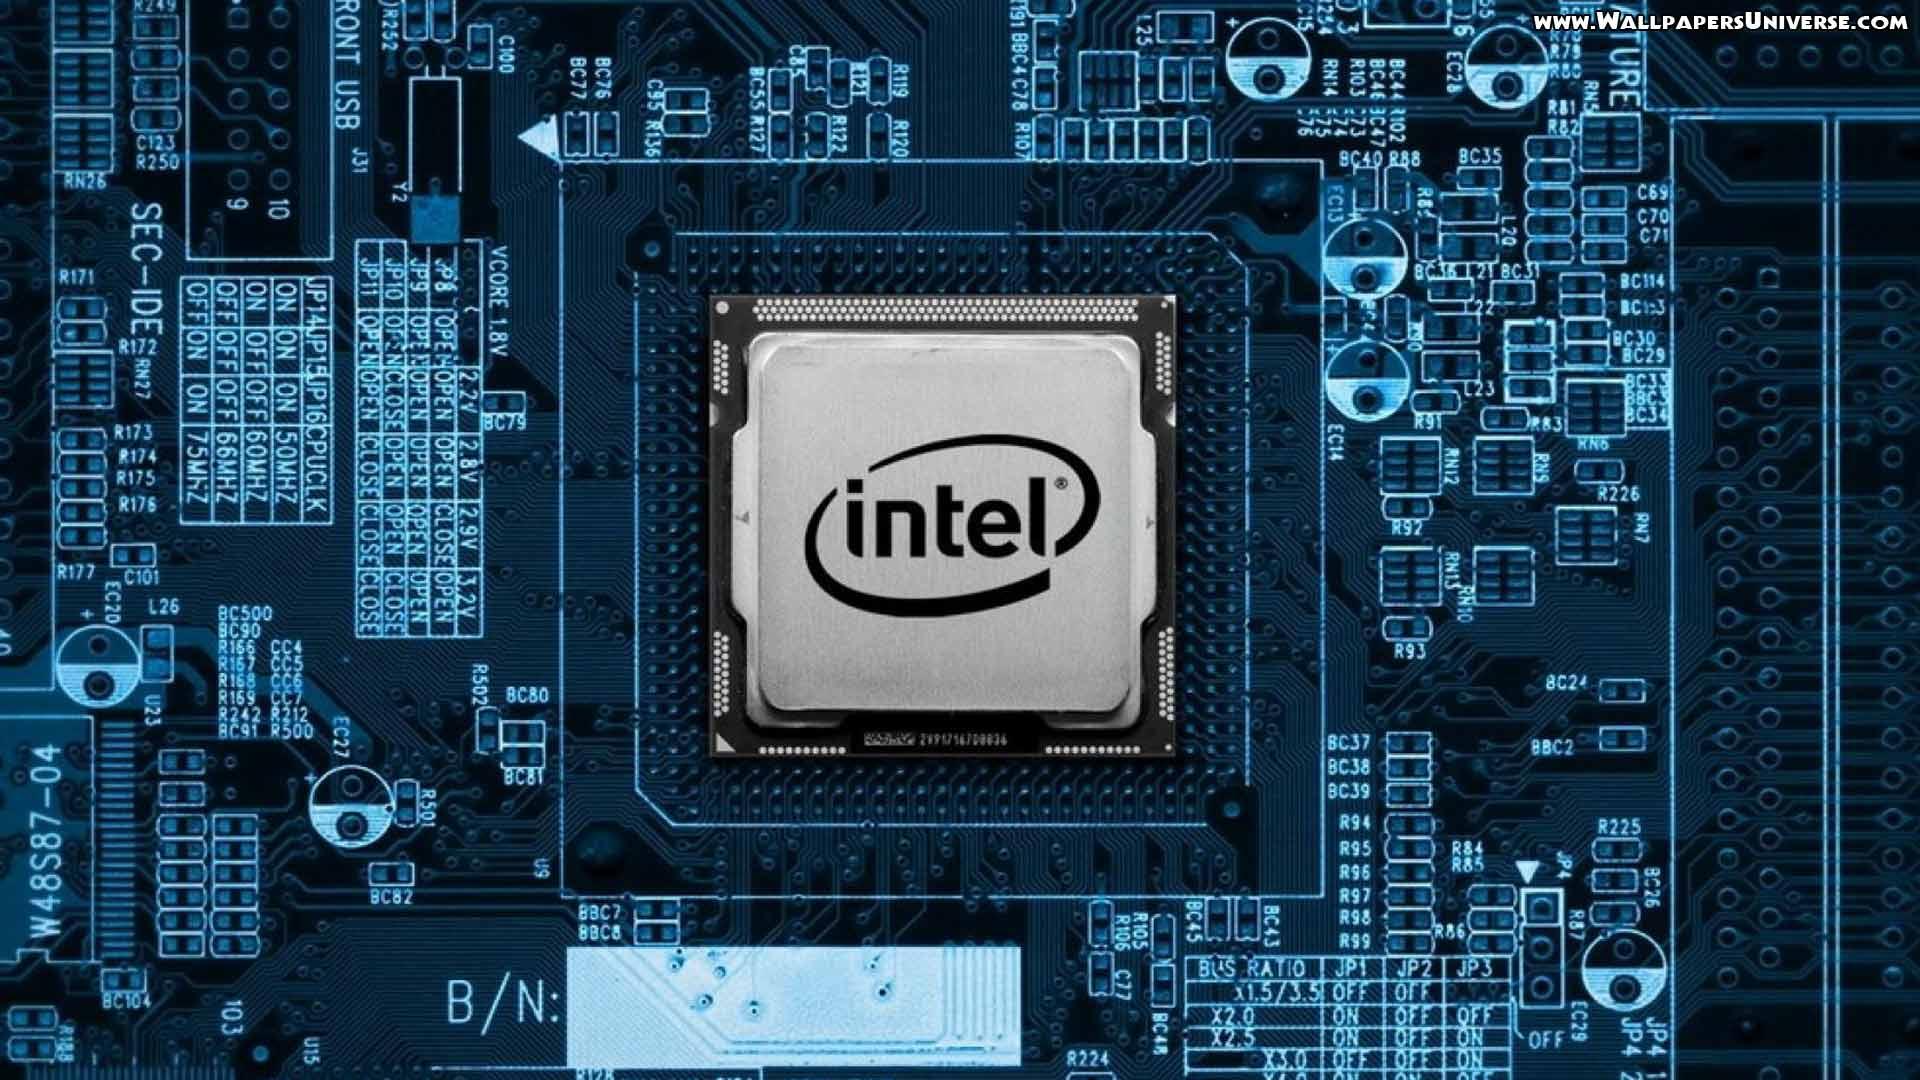 45 units of Intel Wallpaper